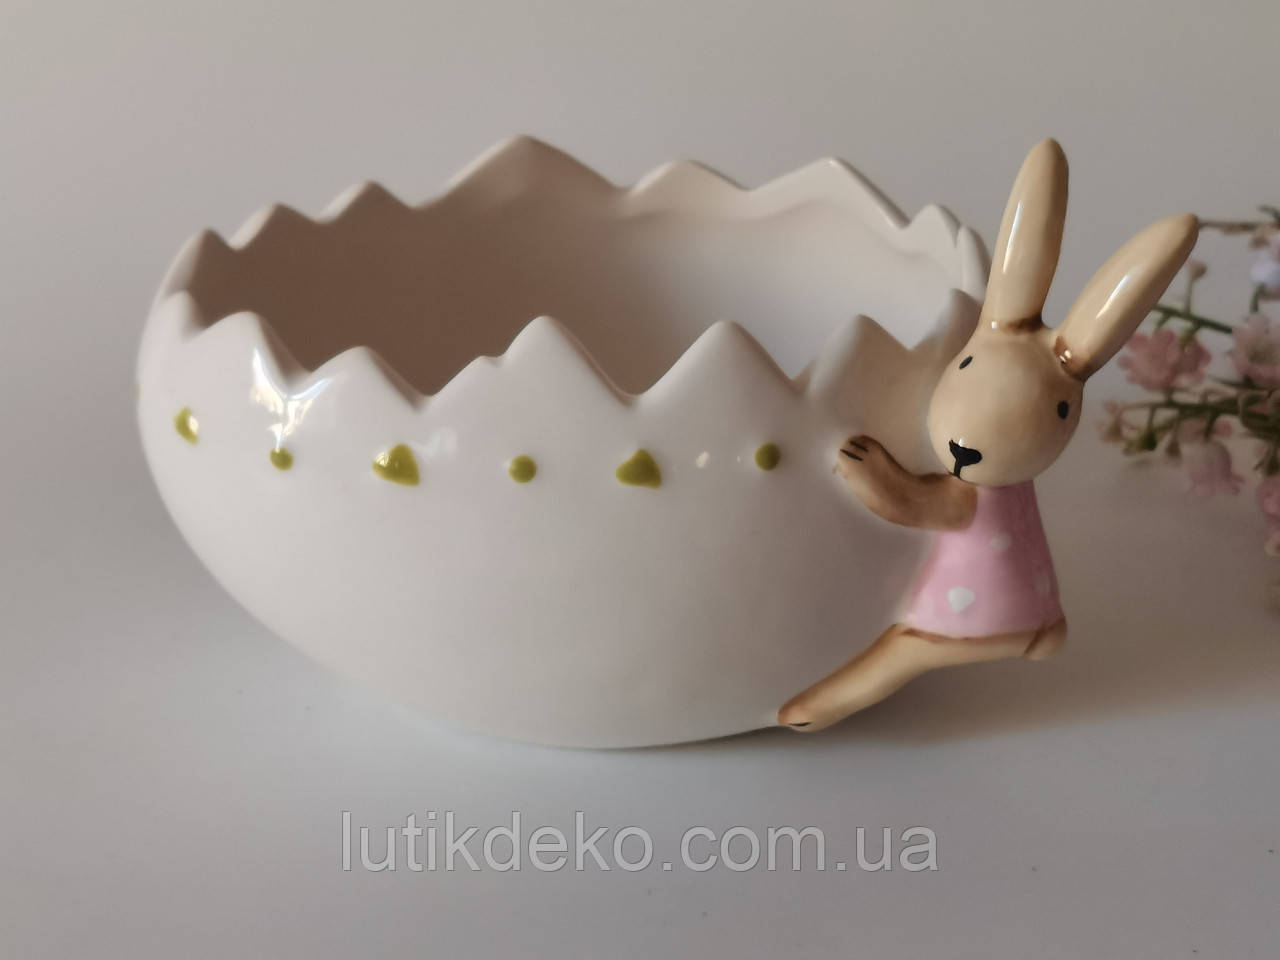 Пасхальный декор. Кашпо керамическое овальное с зайкой.